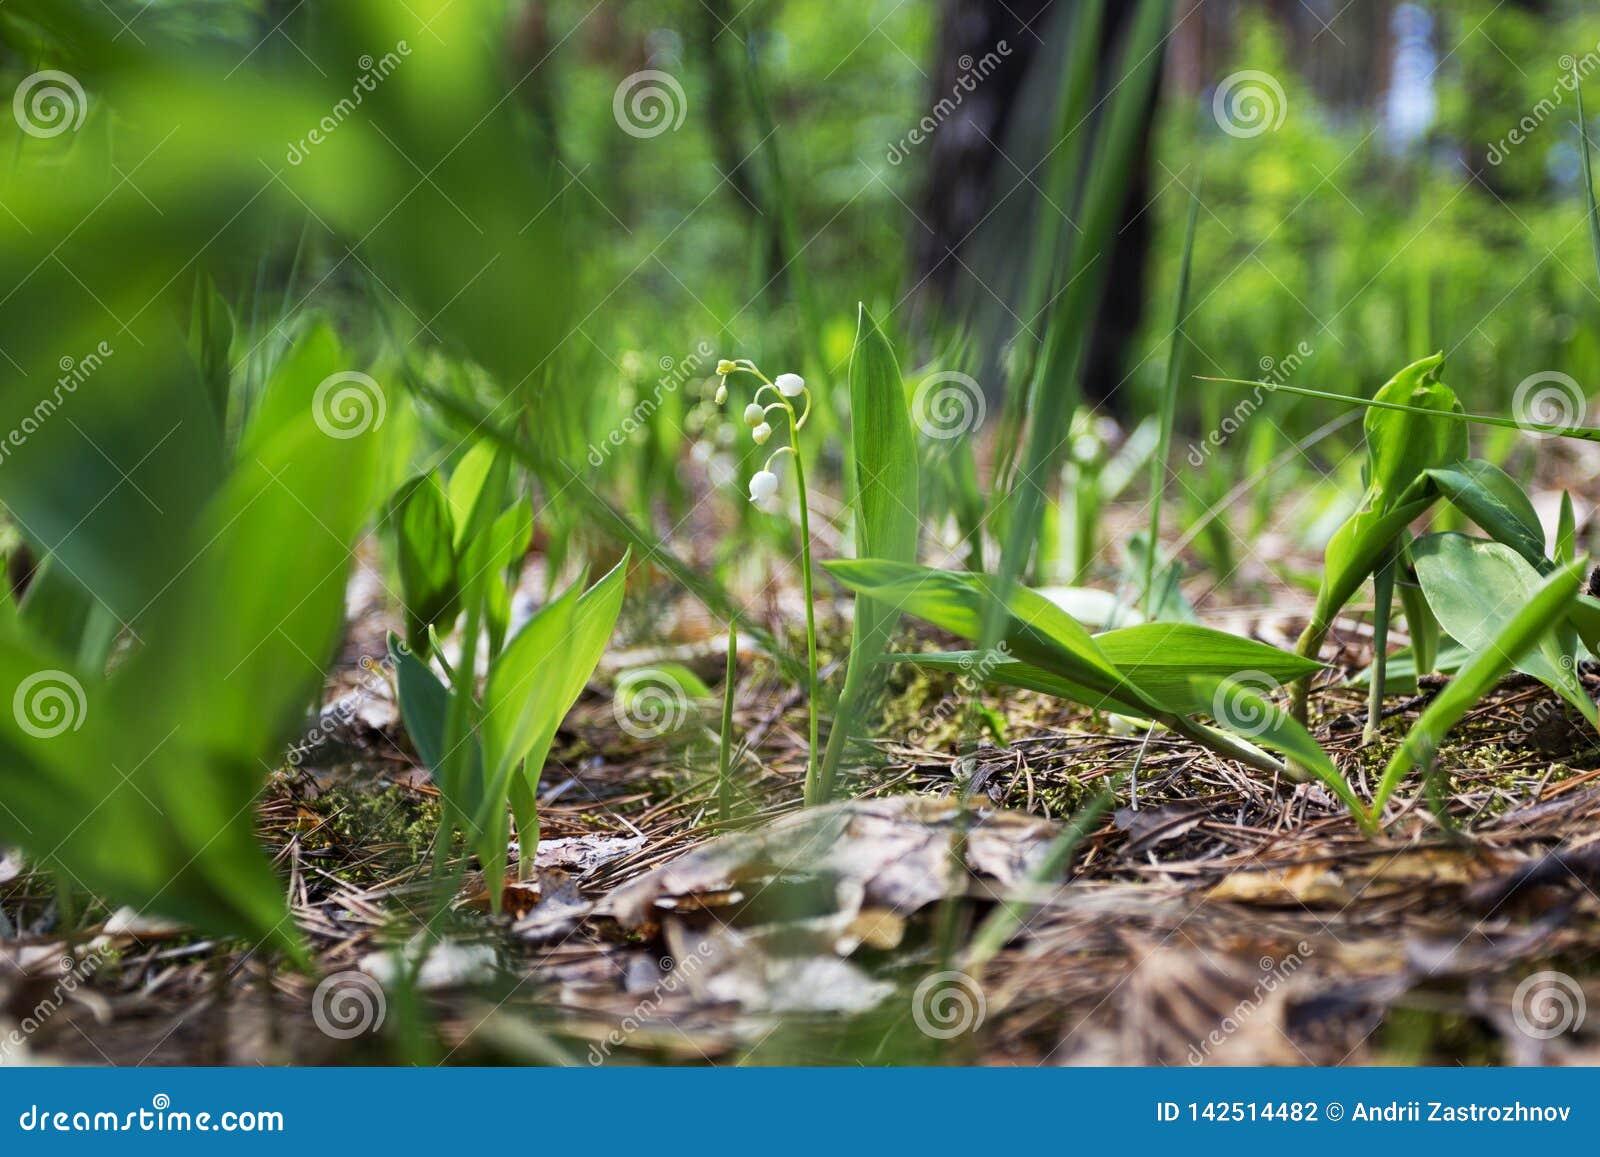 Gigli selvatici nella foresta